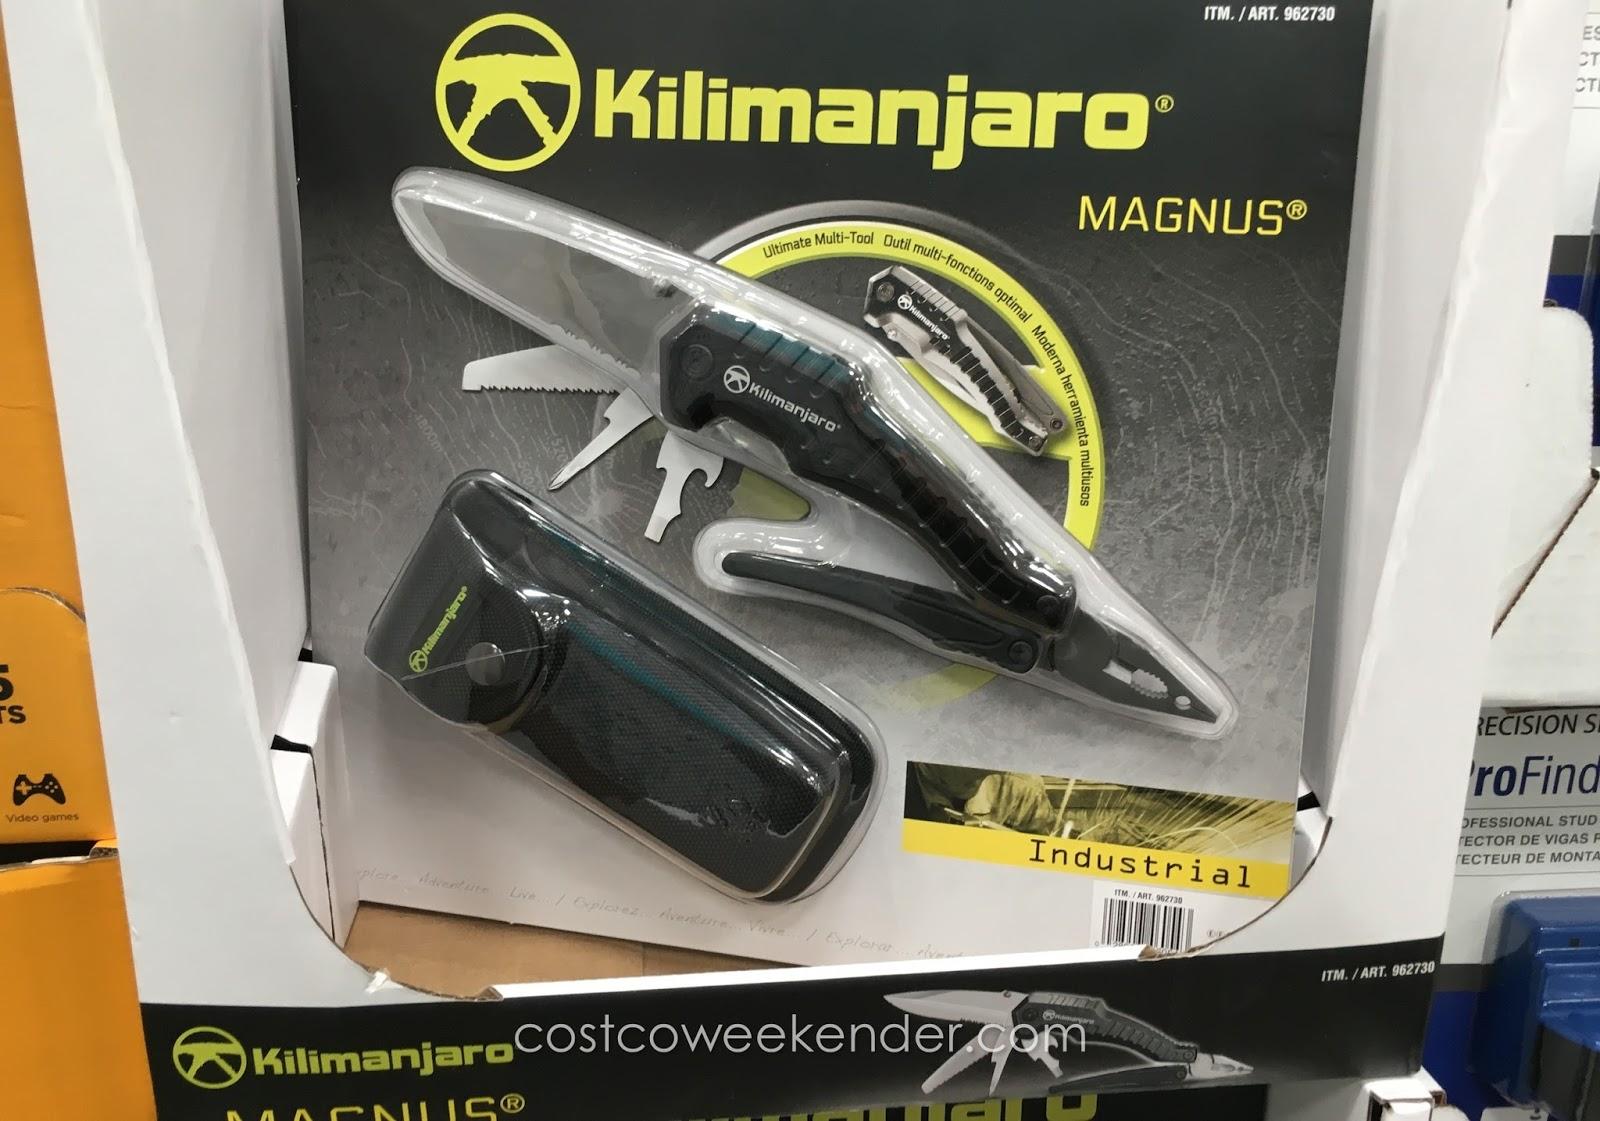 Kilimanjaro Magnus 9 In 1 Folding Multitool Costco Weekender